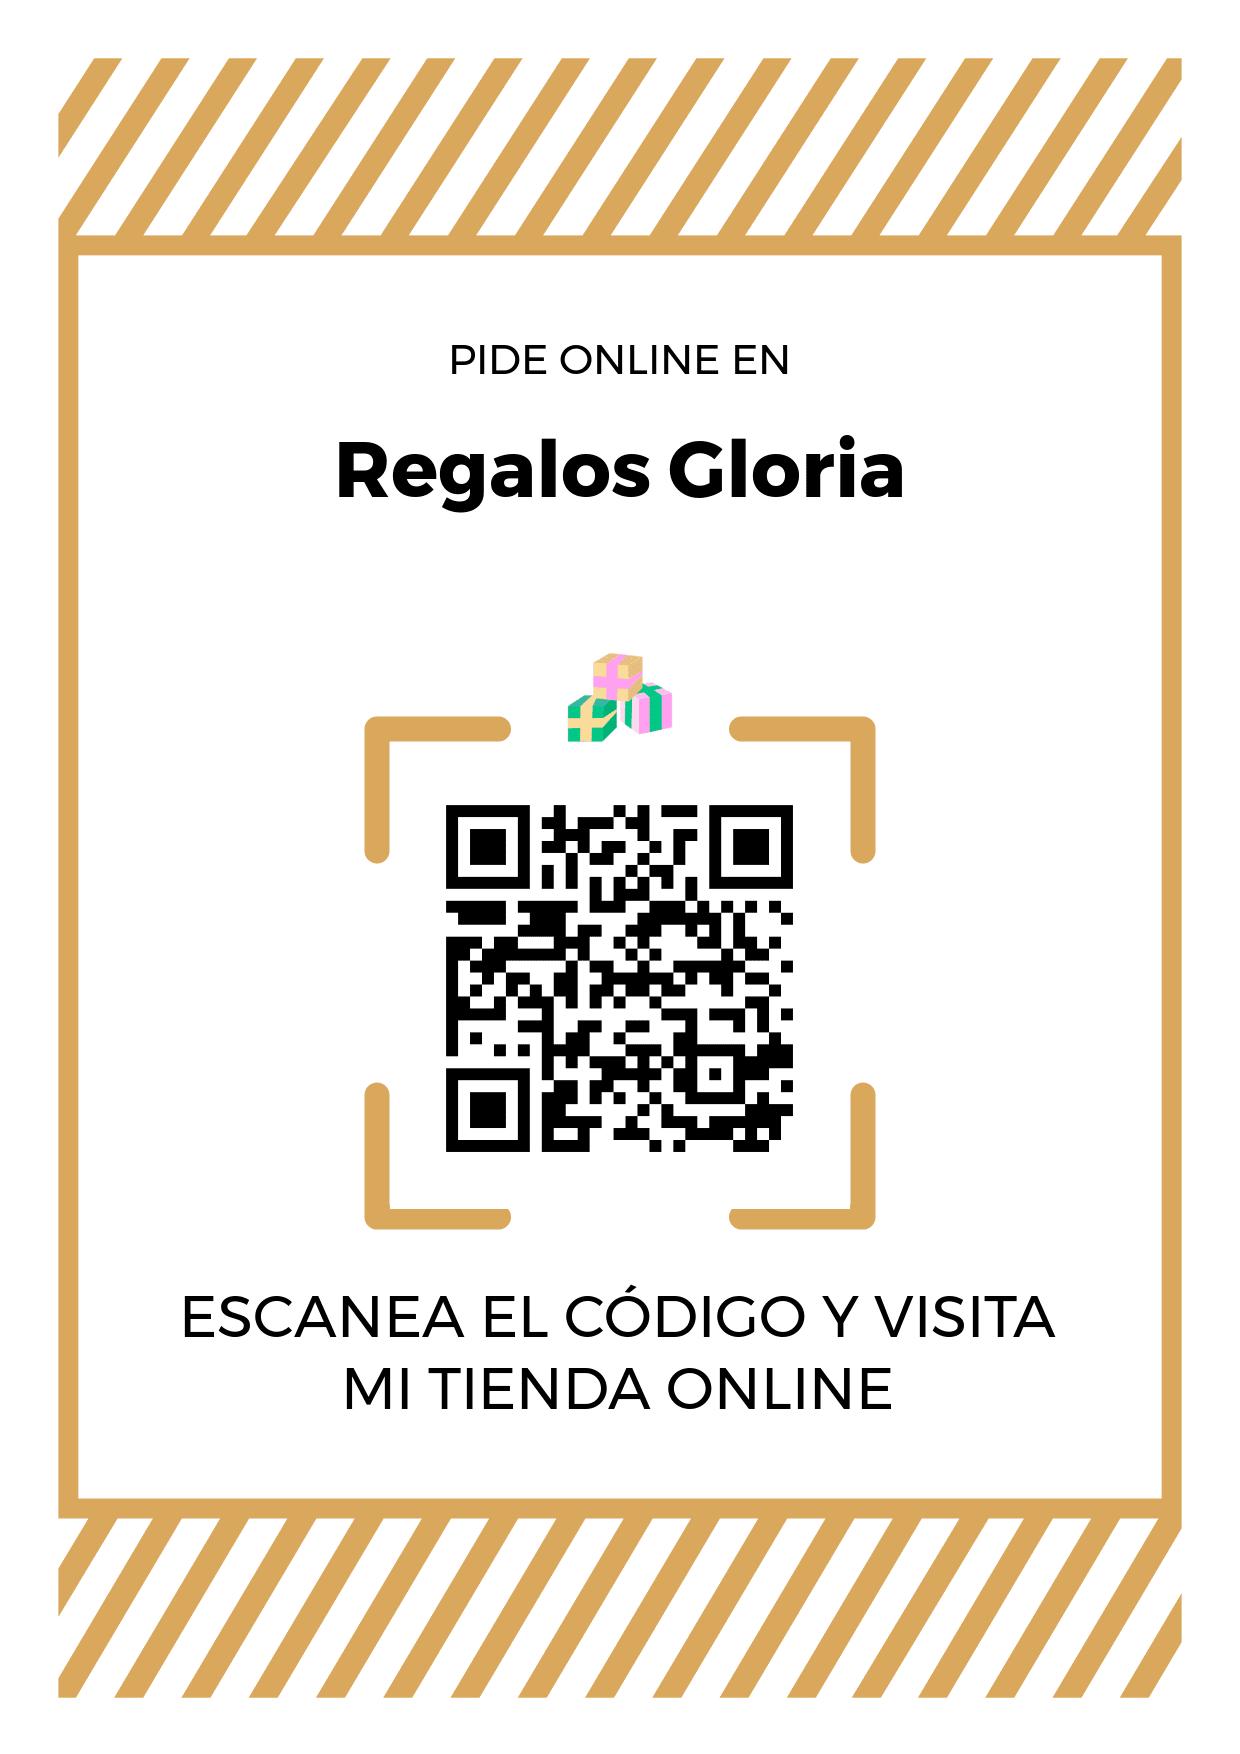 Cartel Póster de Código QR para tienda de Regalos